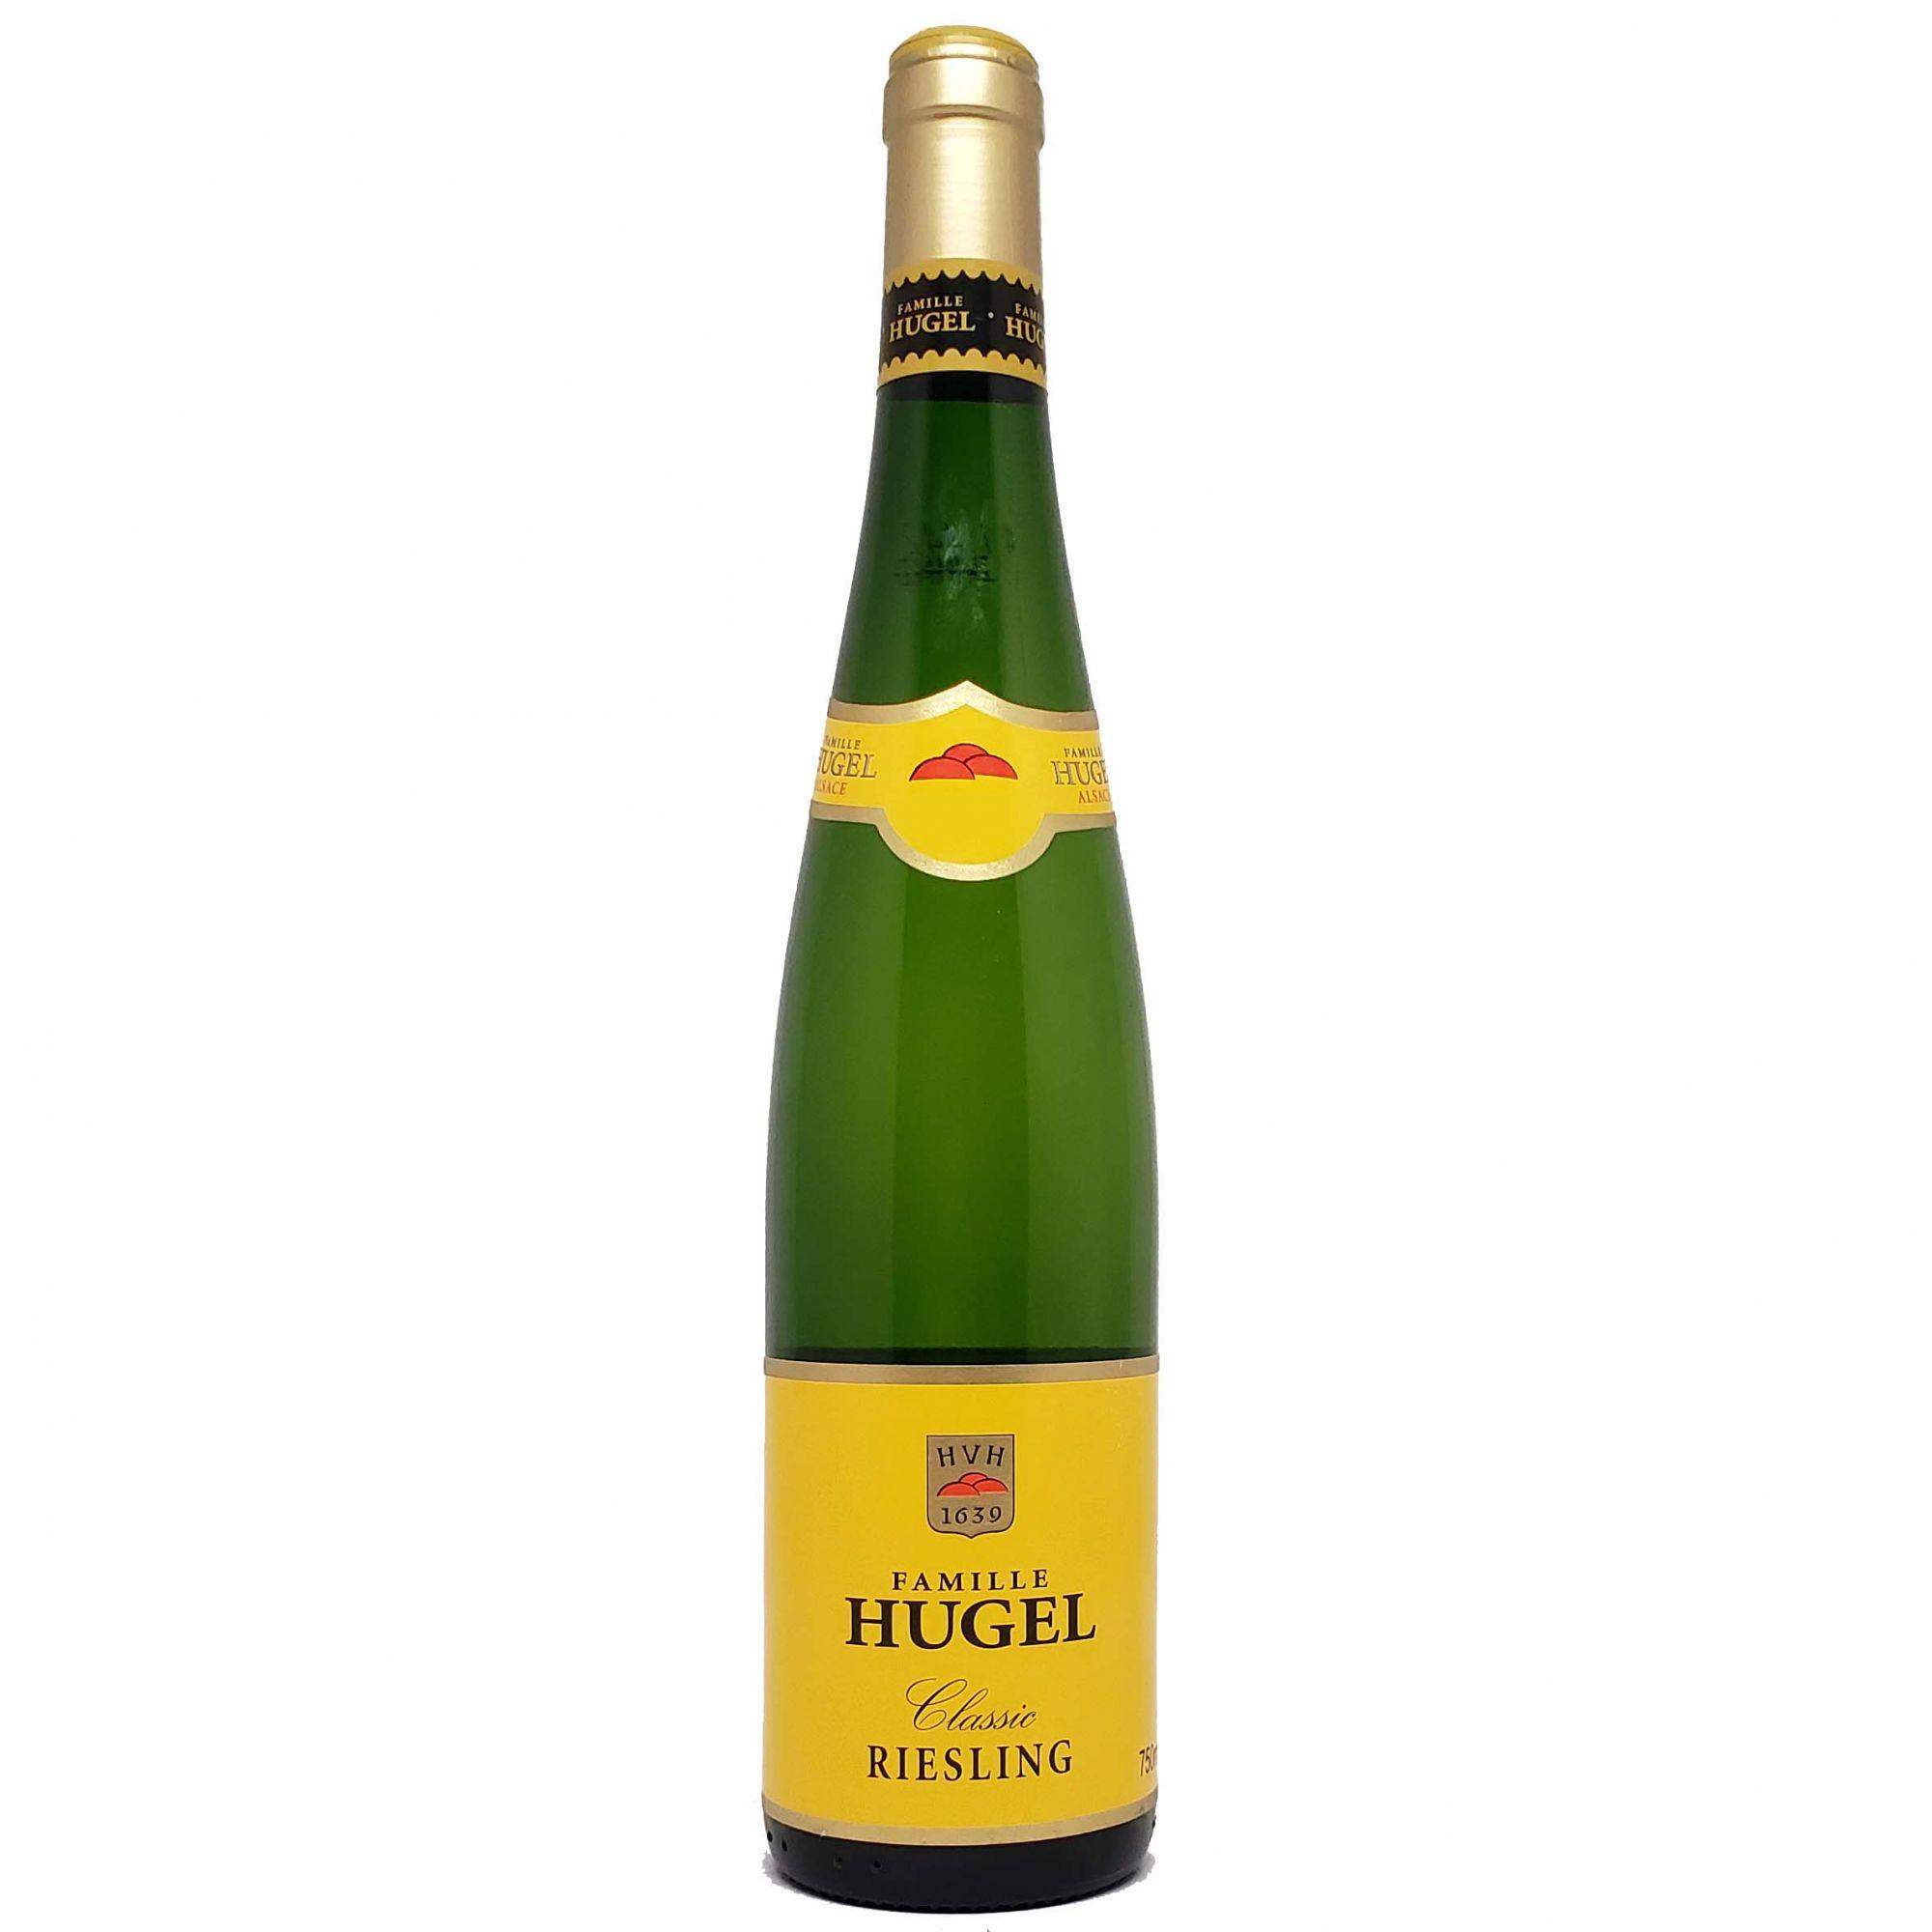 Vinho Branco Famille Hugel Classic Riesling - 750ml -